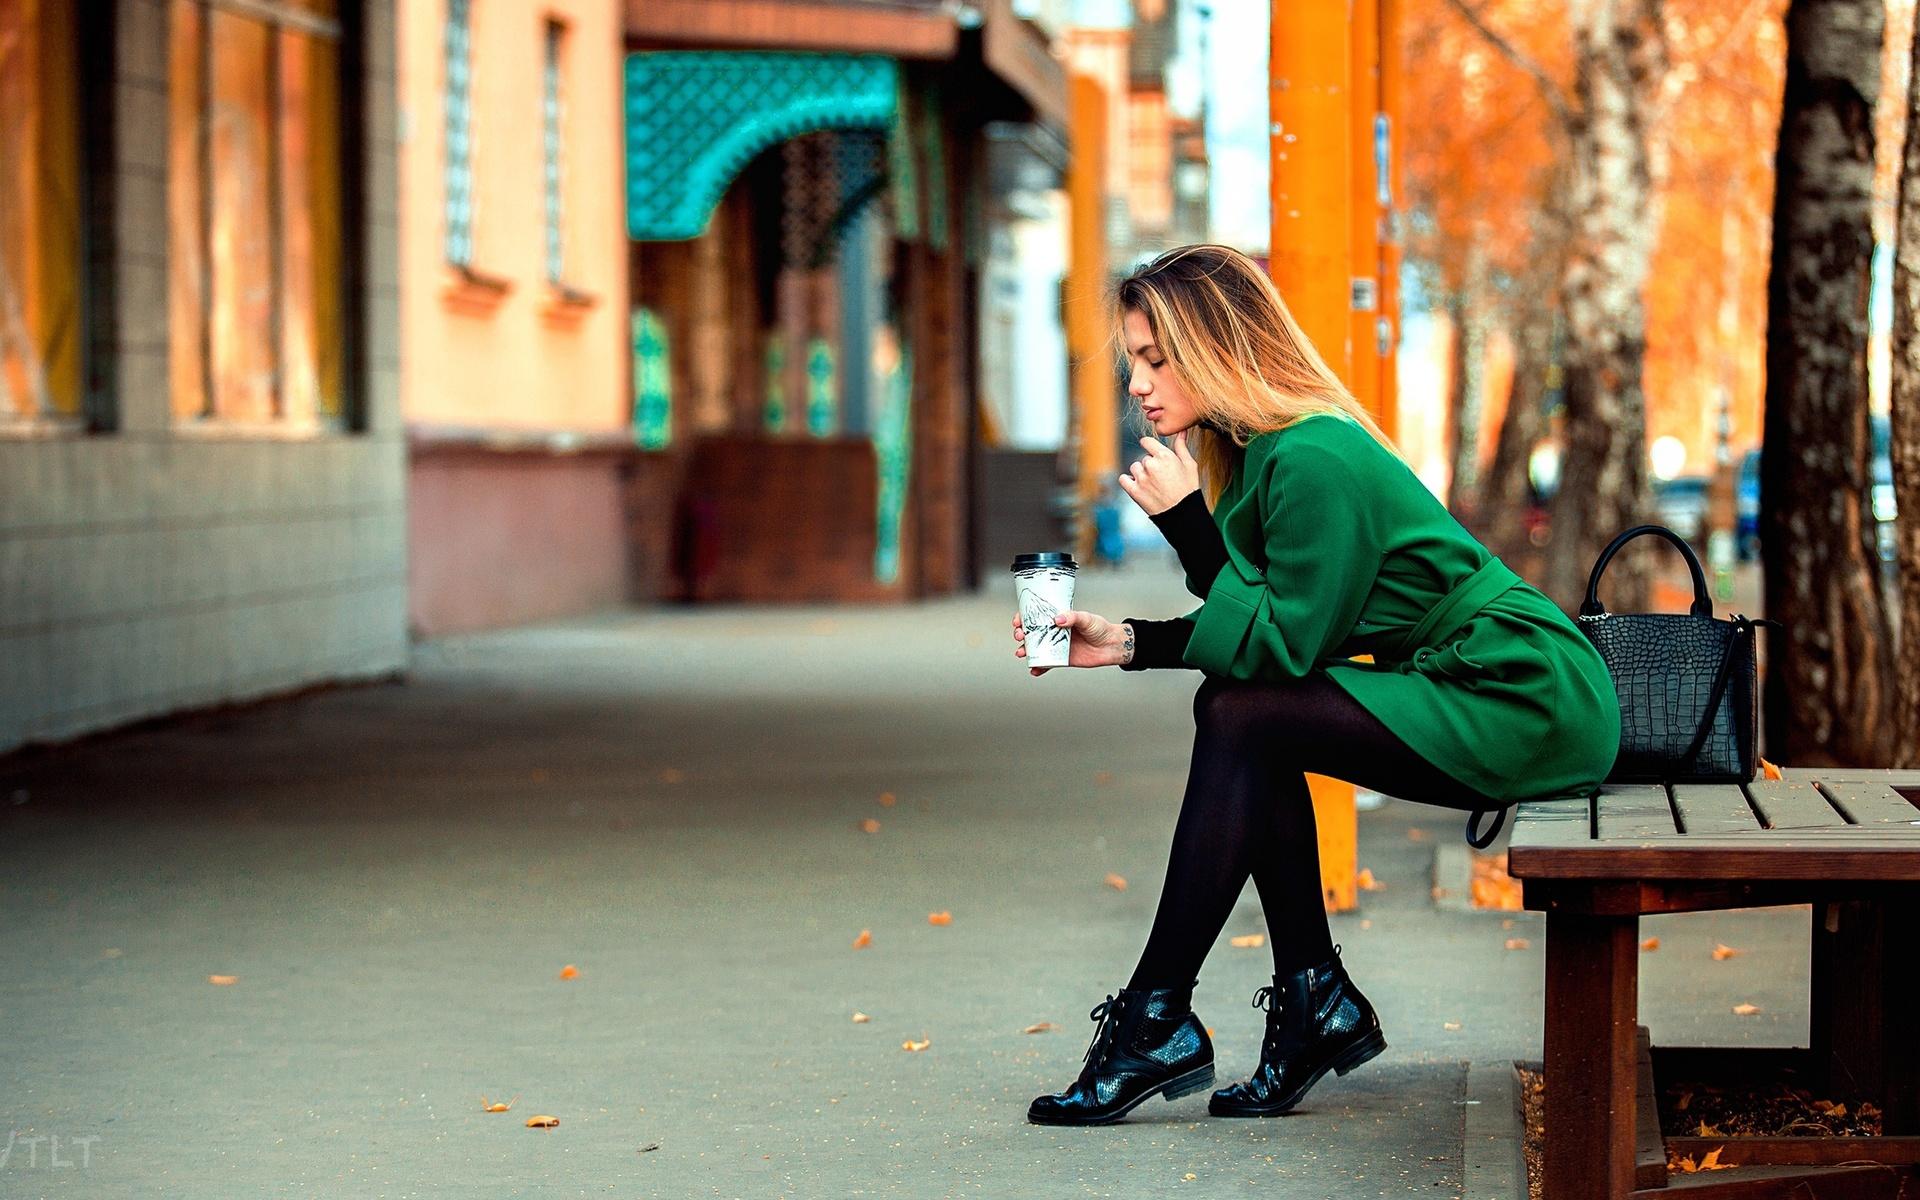 aleksandr suhar, девушка, улица, скамейка, город, осень